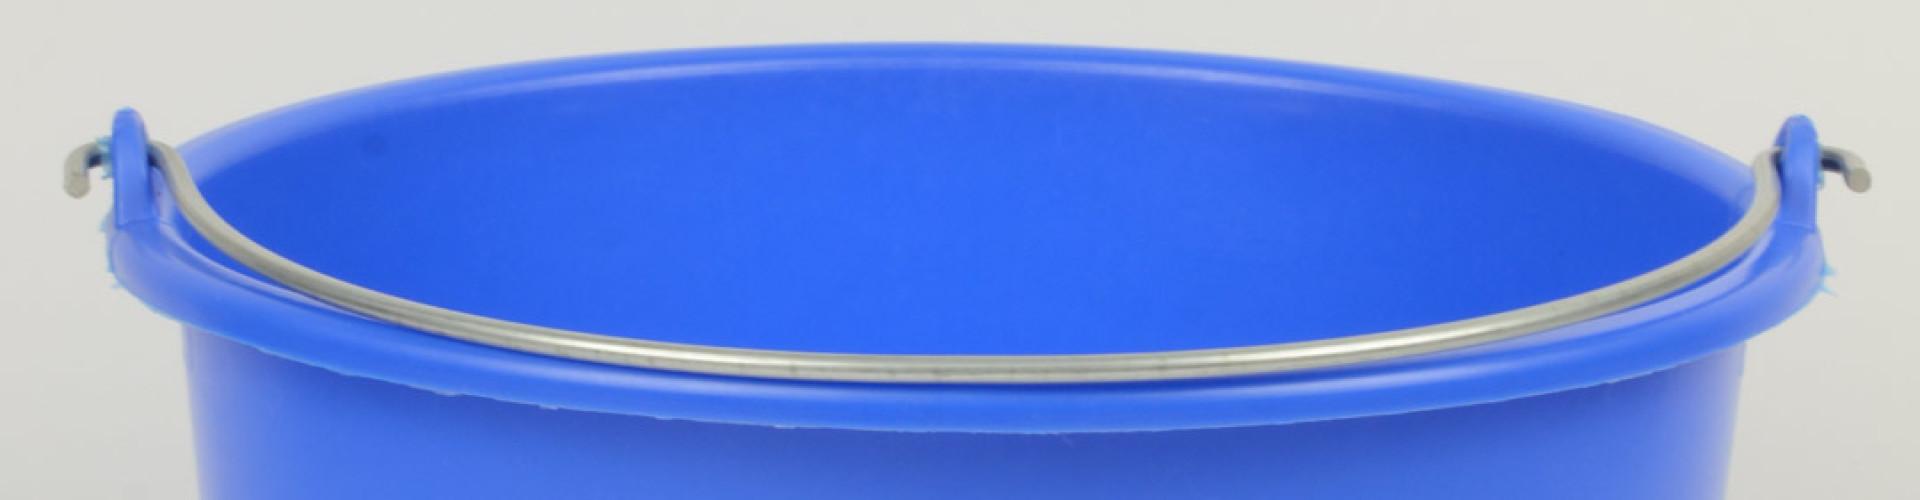 Blauwe emmer